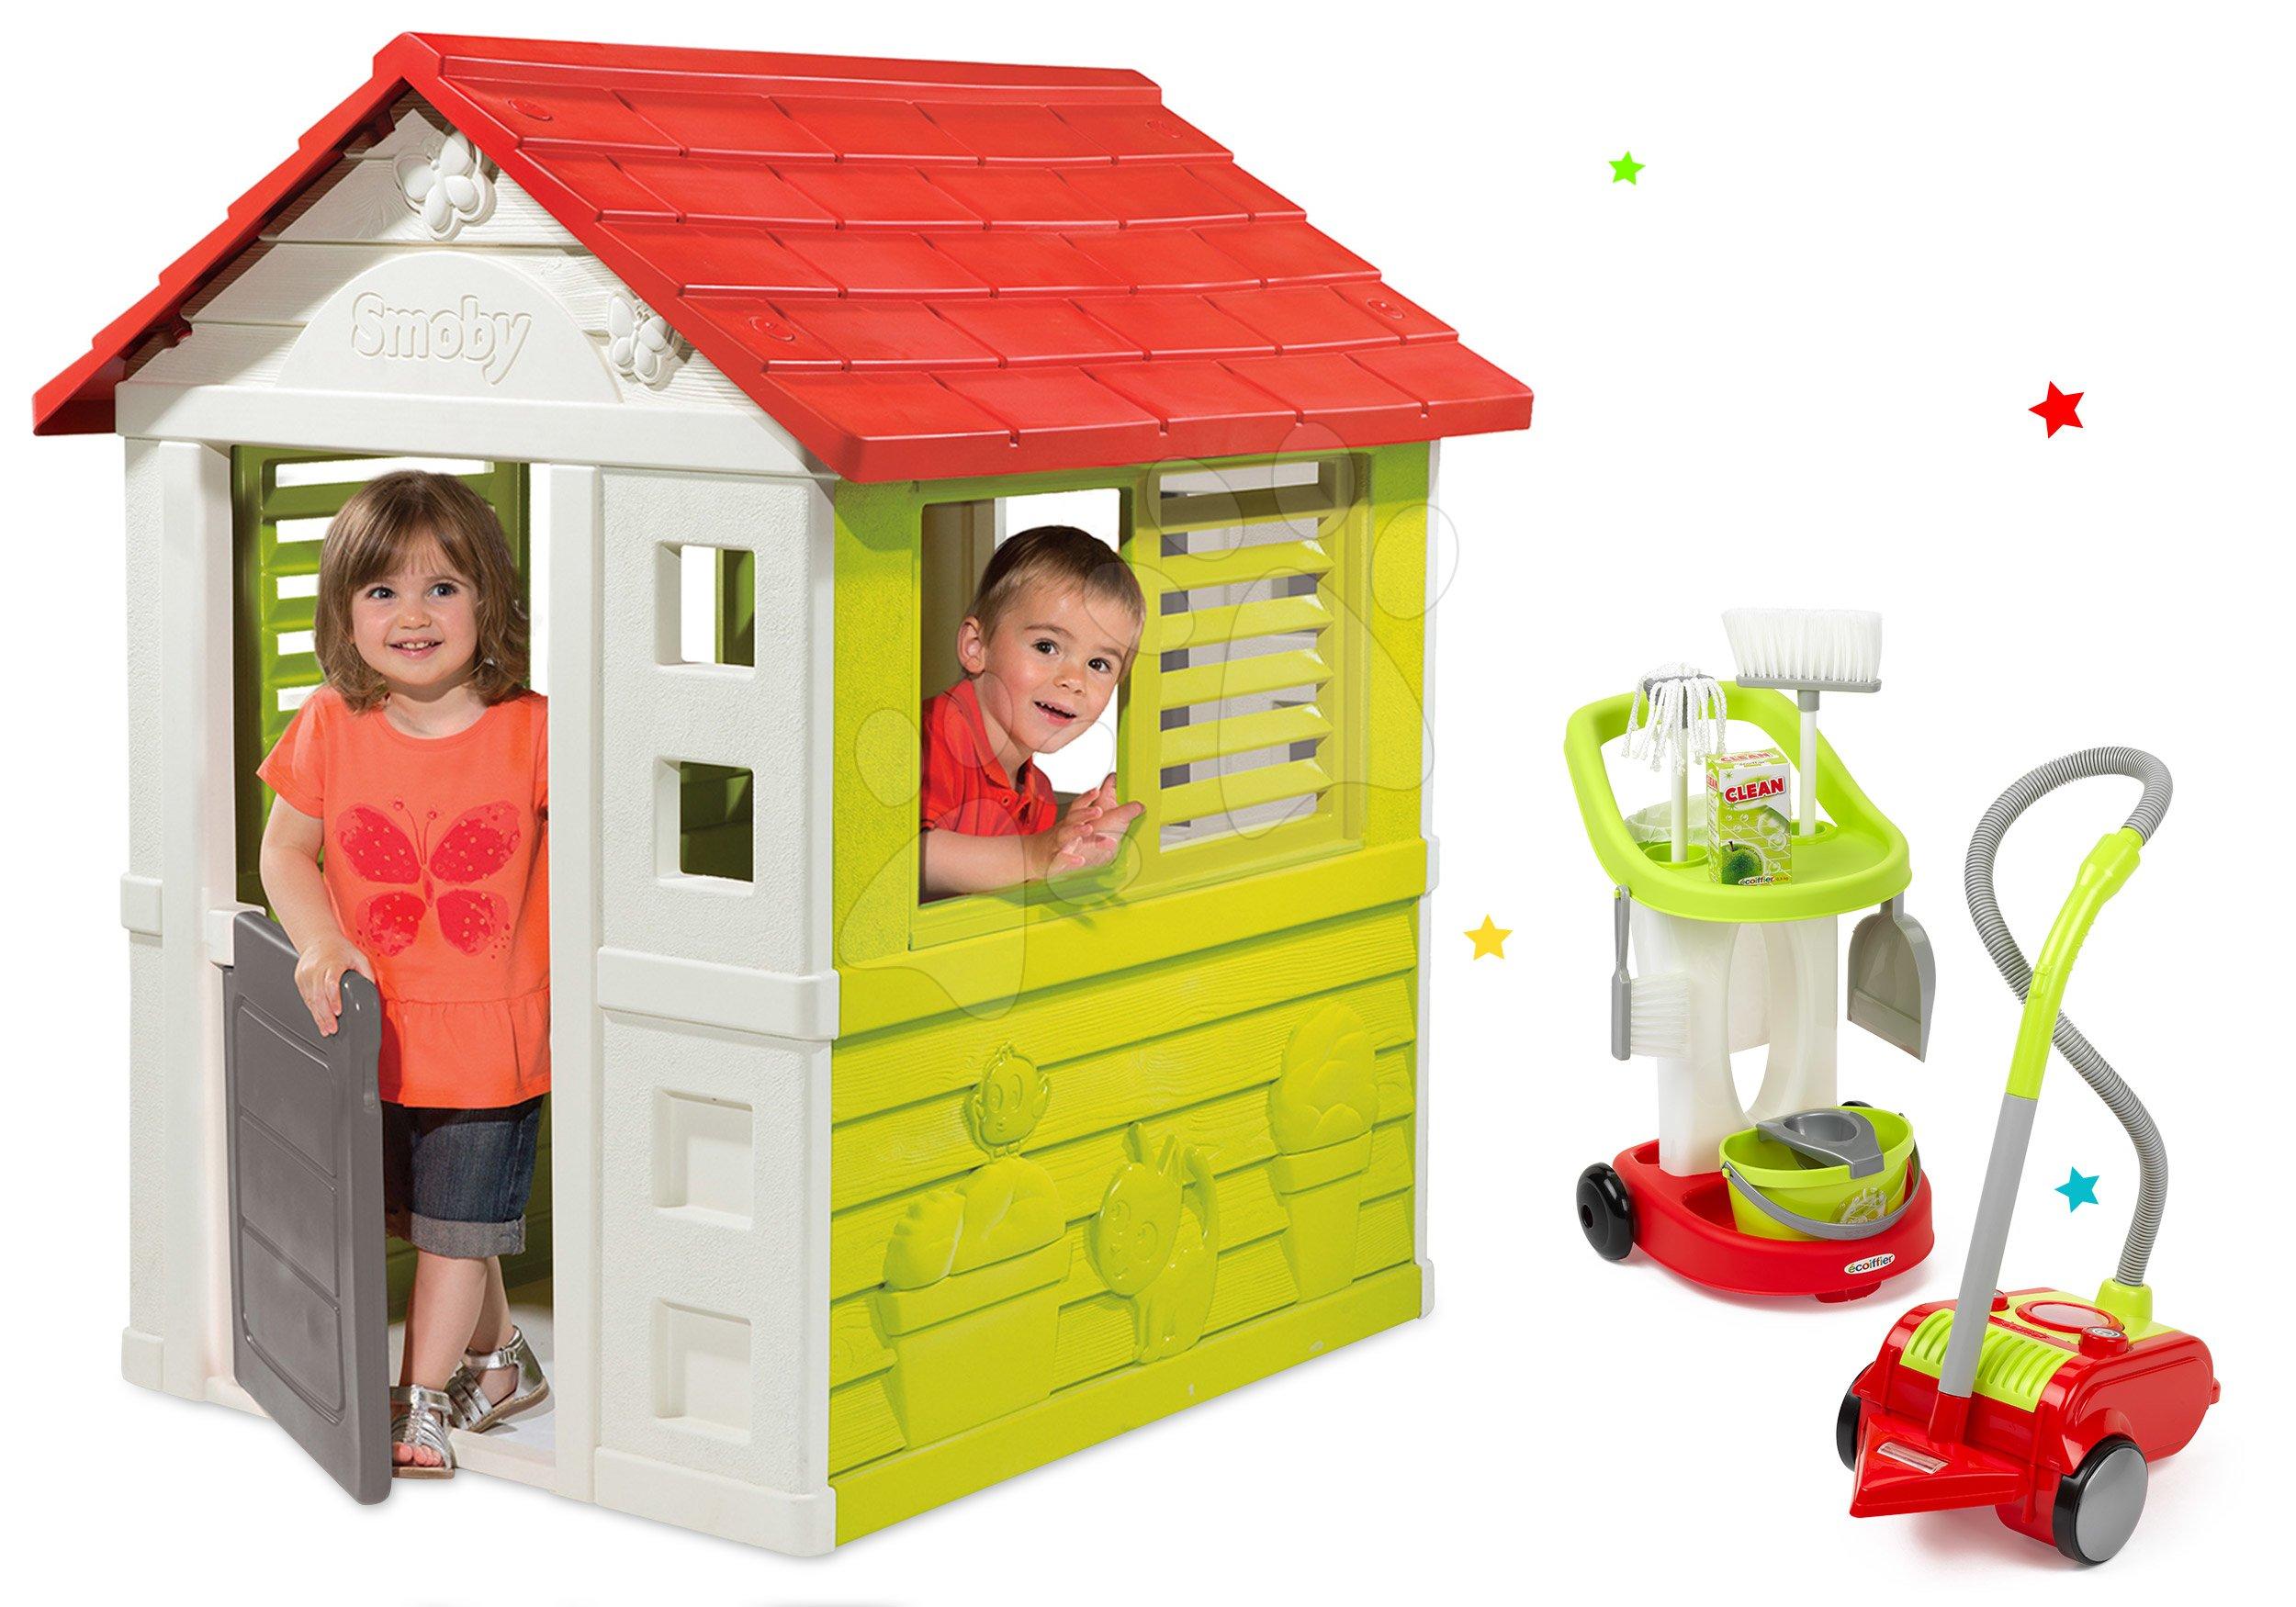 Set domeček Lovely Smoby s úklidovým vozíkem a vysavačem